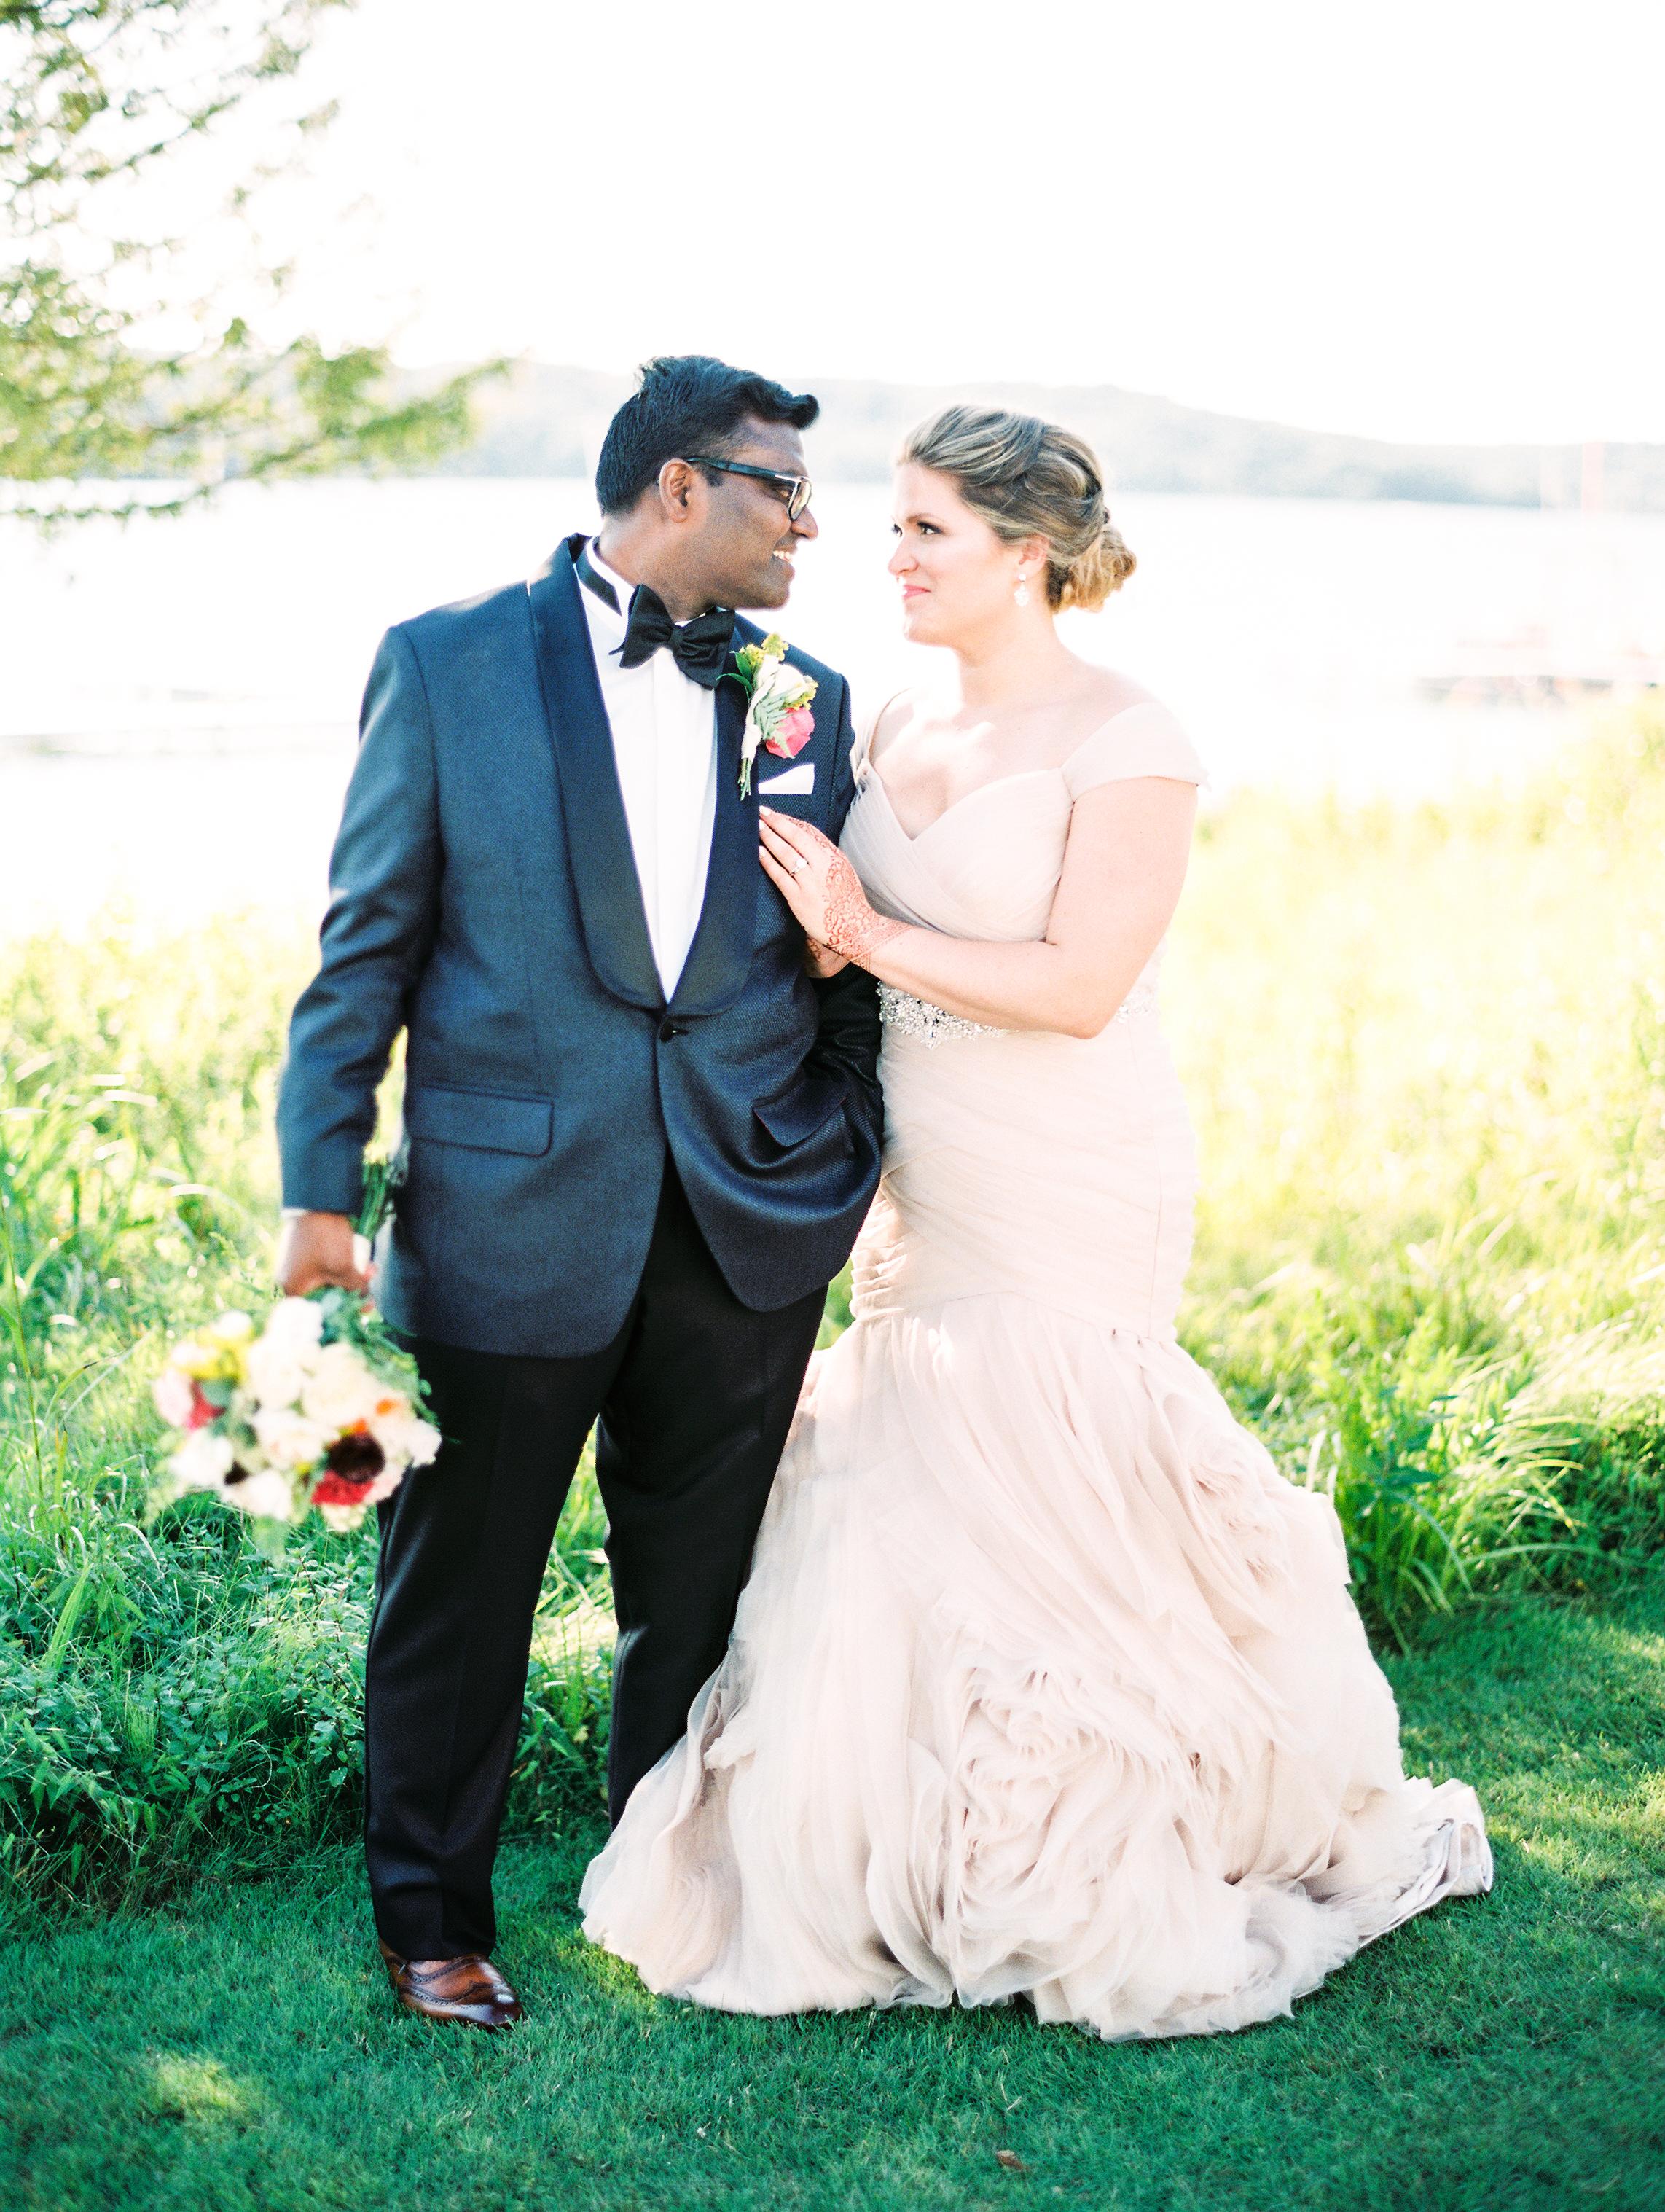 Govathoti+Wedding+Bridal+Partyb-22.jpg